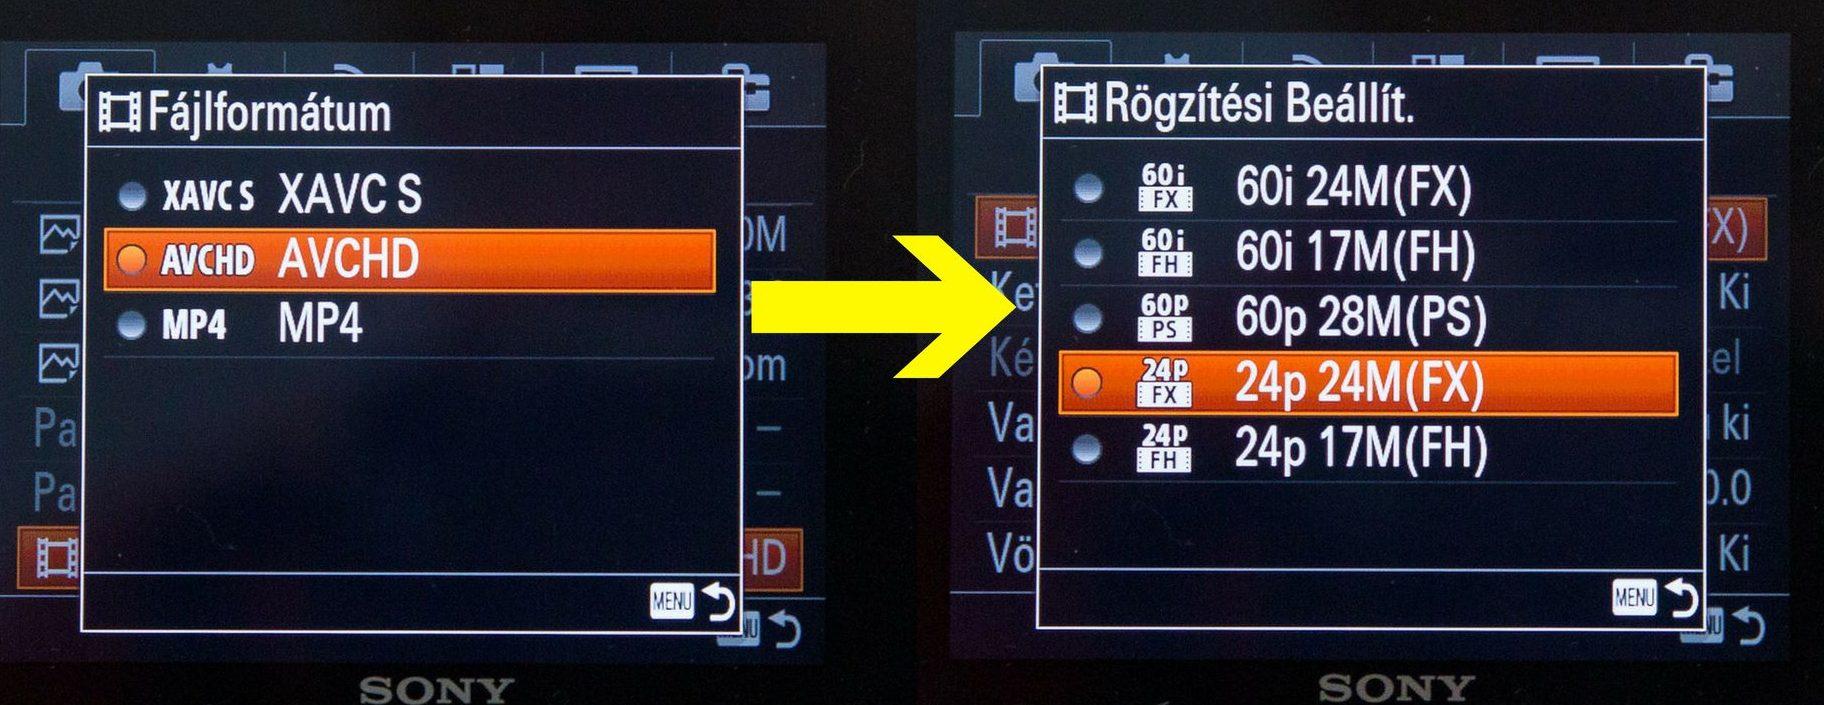 Sony RX100 videó beállitások avchd módban